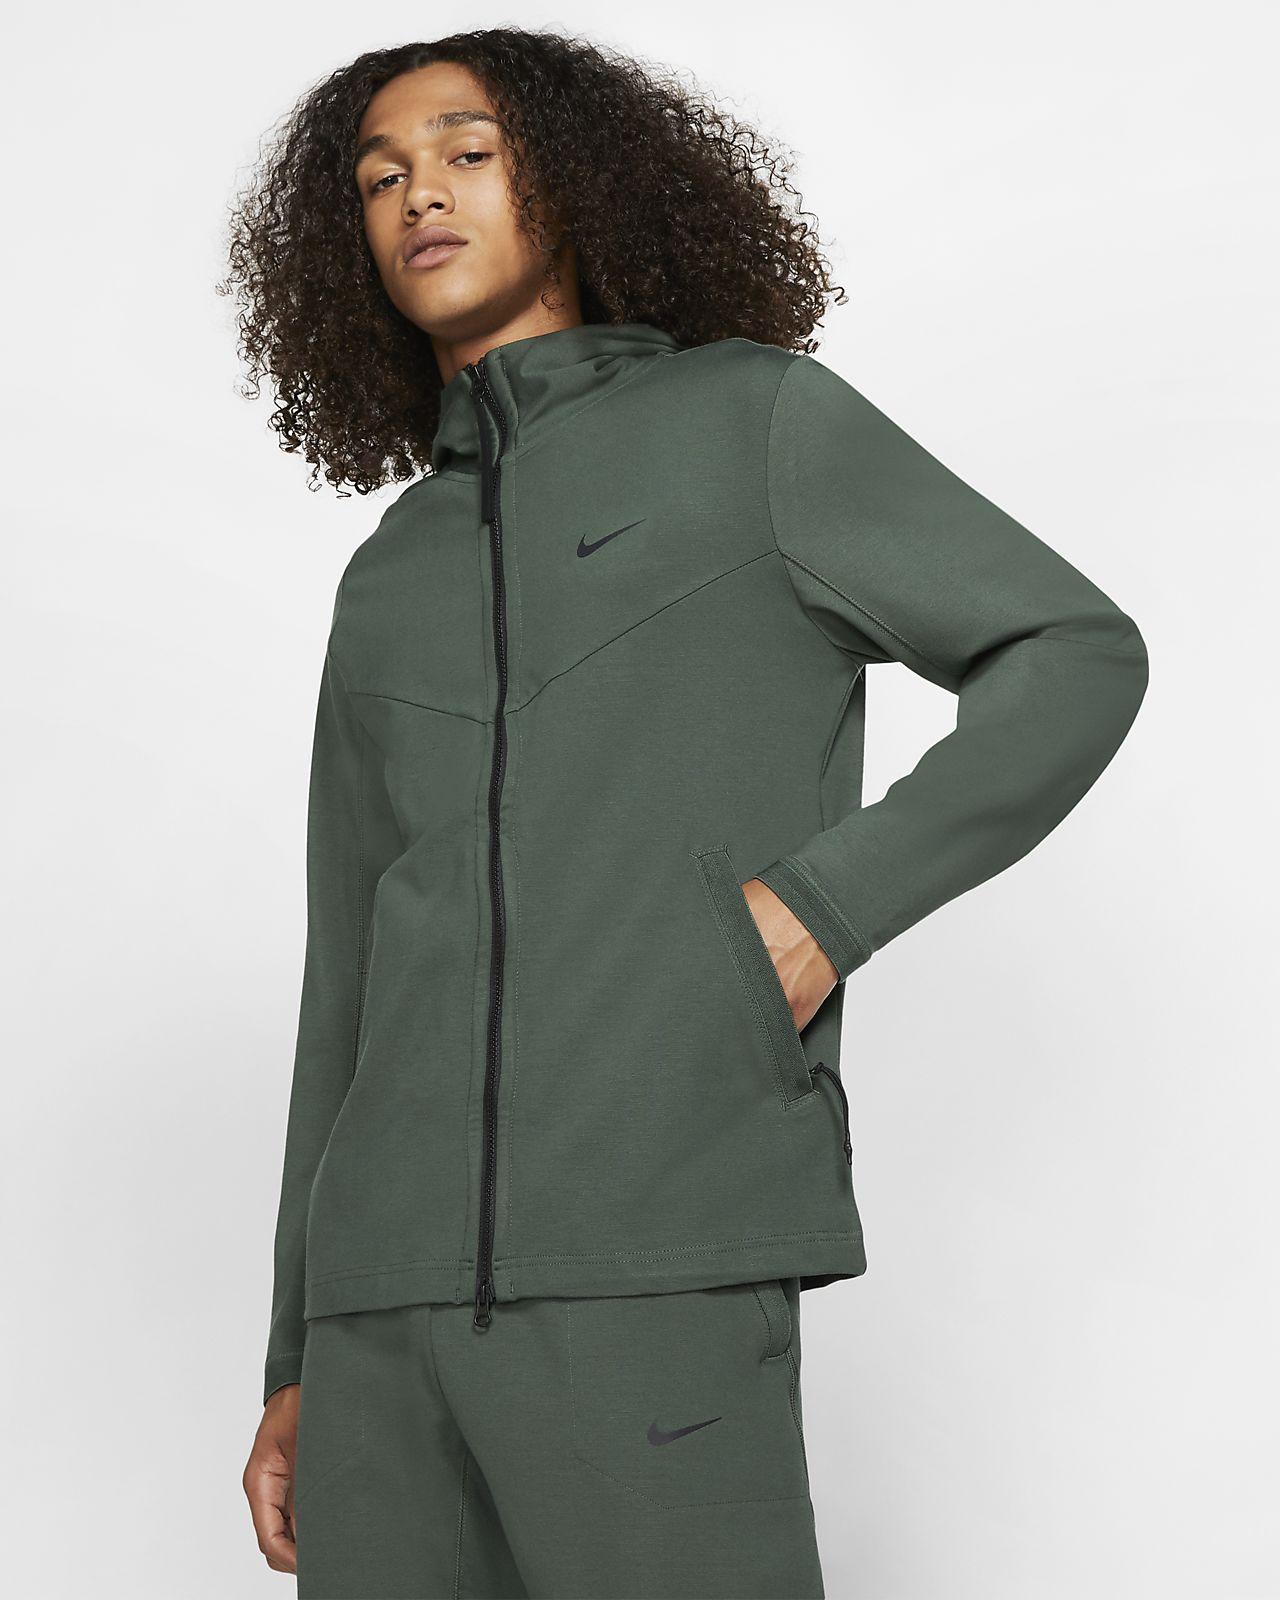 Nike Sportswear Tech Pack Herrenjacke mit Kapuze und durchgehendem Reißverschluss